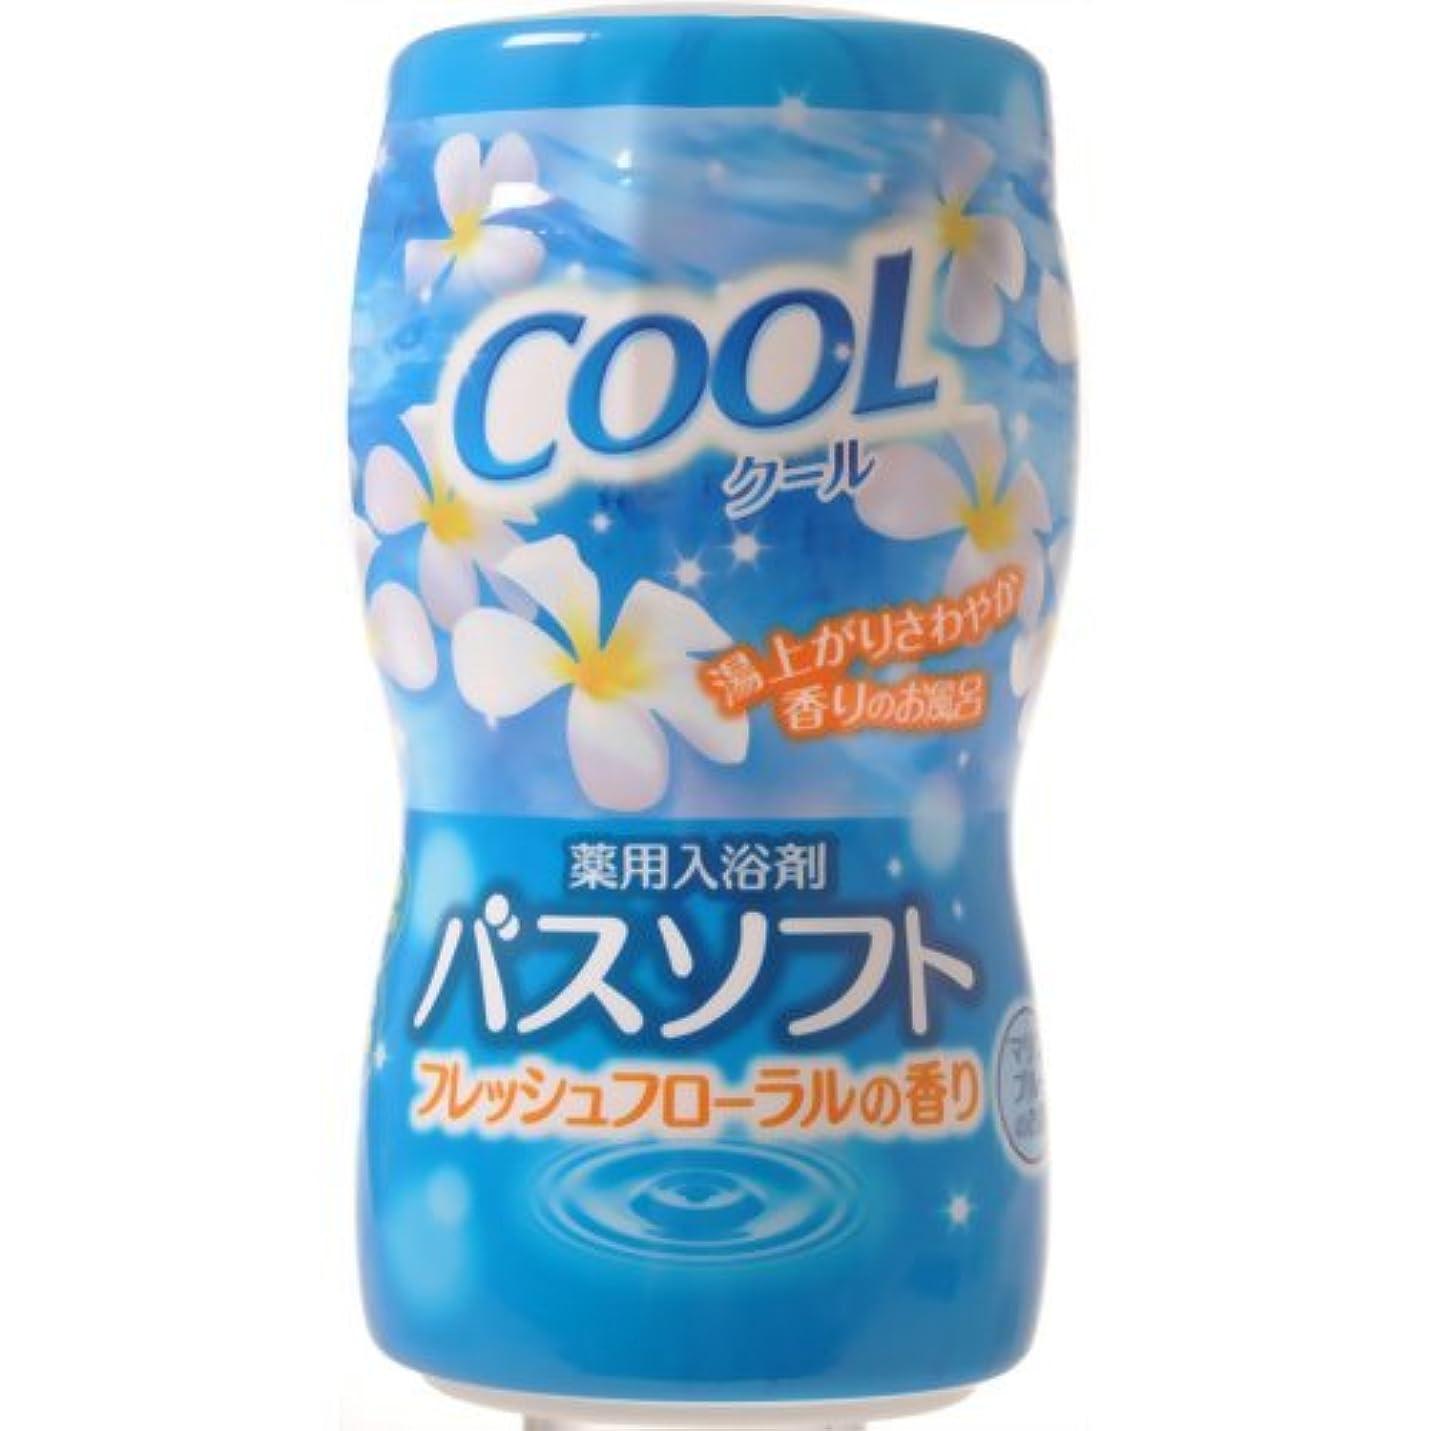 櫛フィードオズワルド【オカモト】薬用入浴剤バスソフト クール 700g